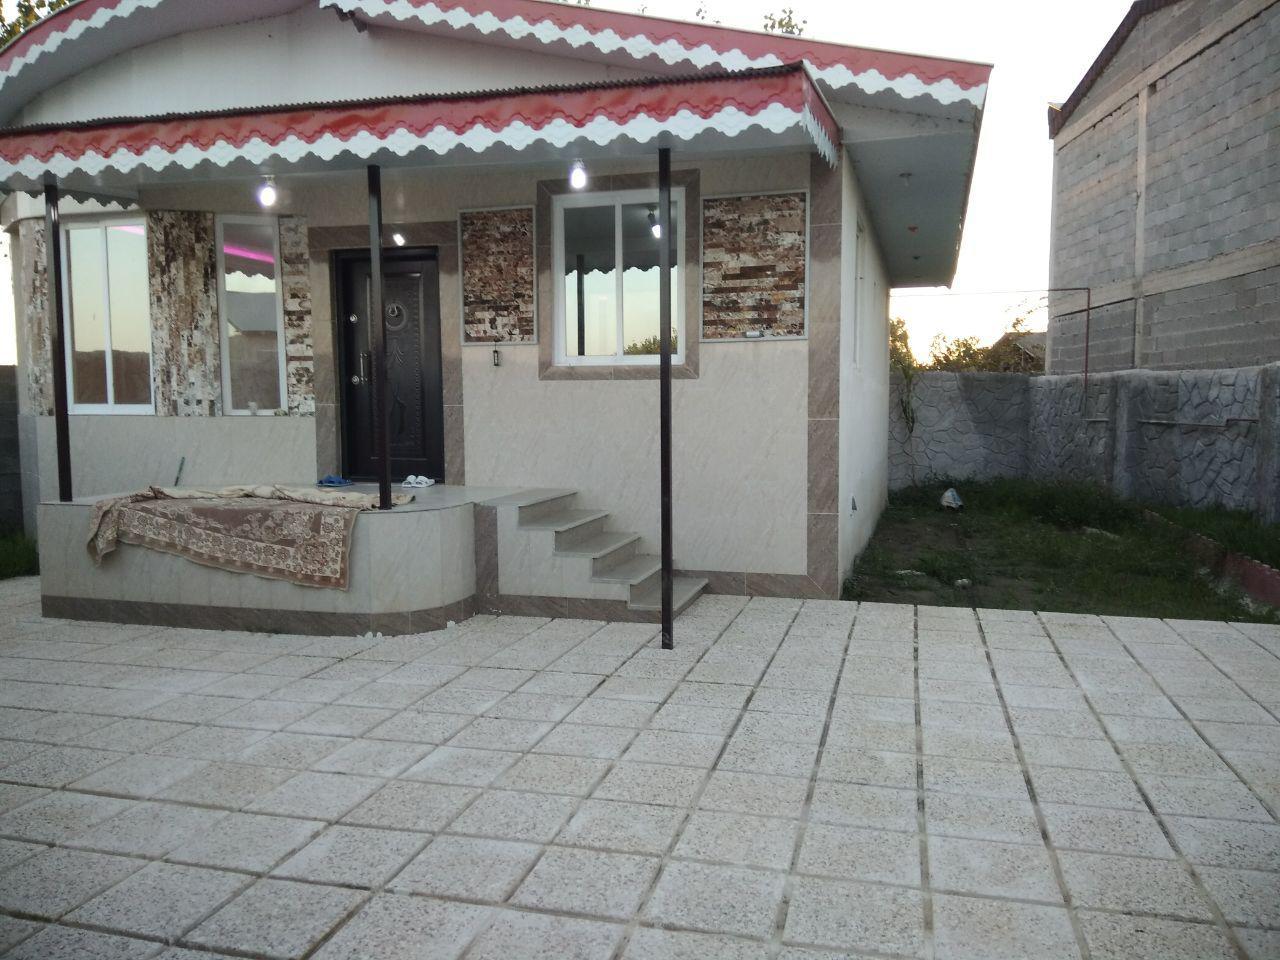 فروش ویلای نوساز ۳۲۰ متری در زیباکنار(کد۶۴۱)